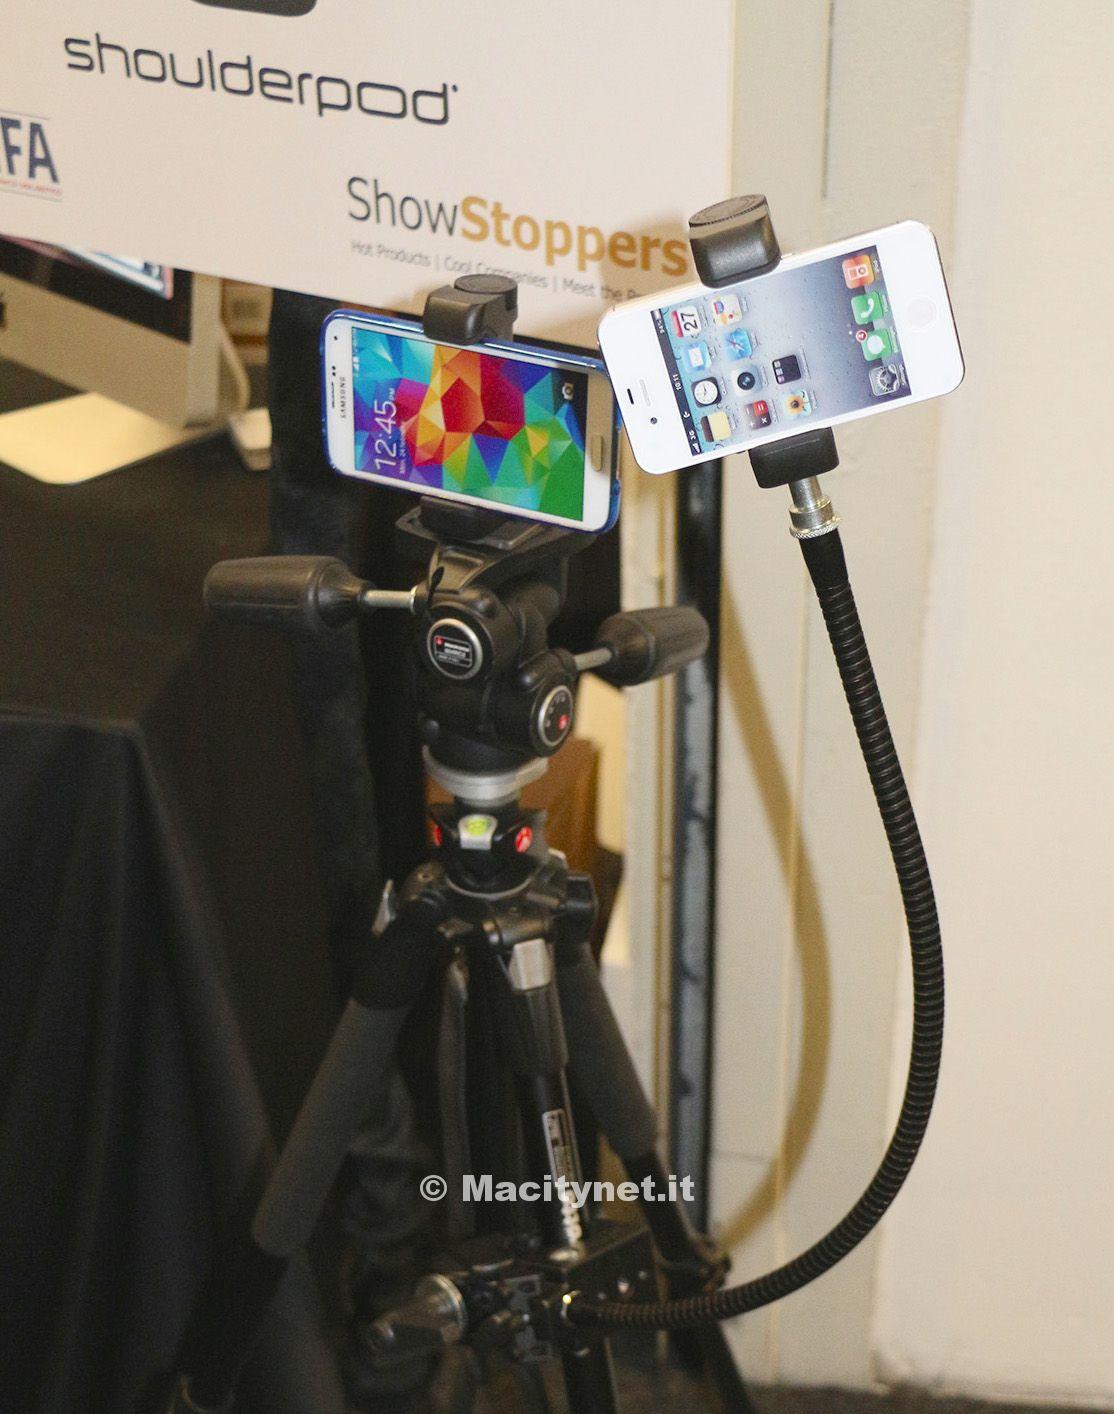 IFA 2014: Shoulderpod S1, l'accessorio perfetto per fotografi e videomaker con iPhone